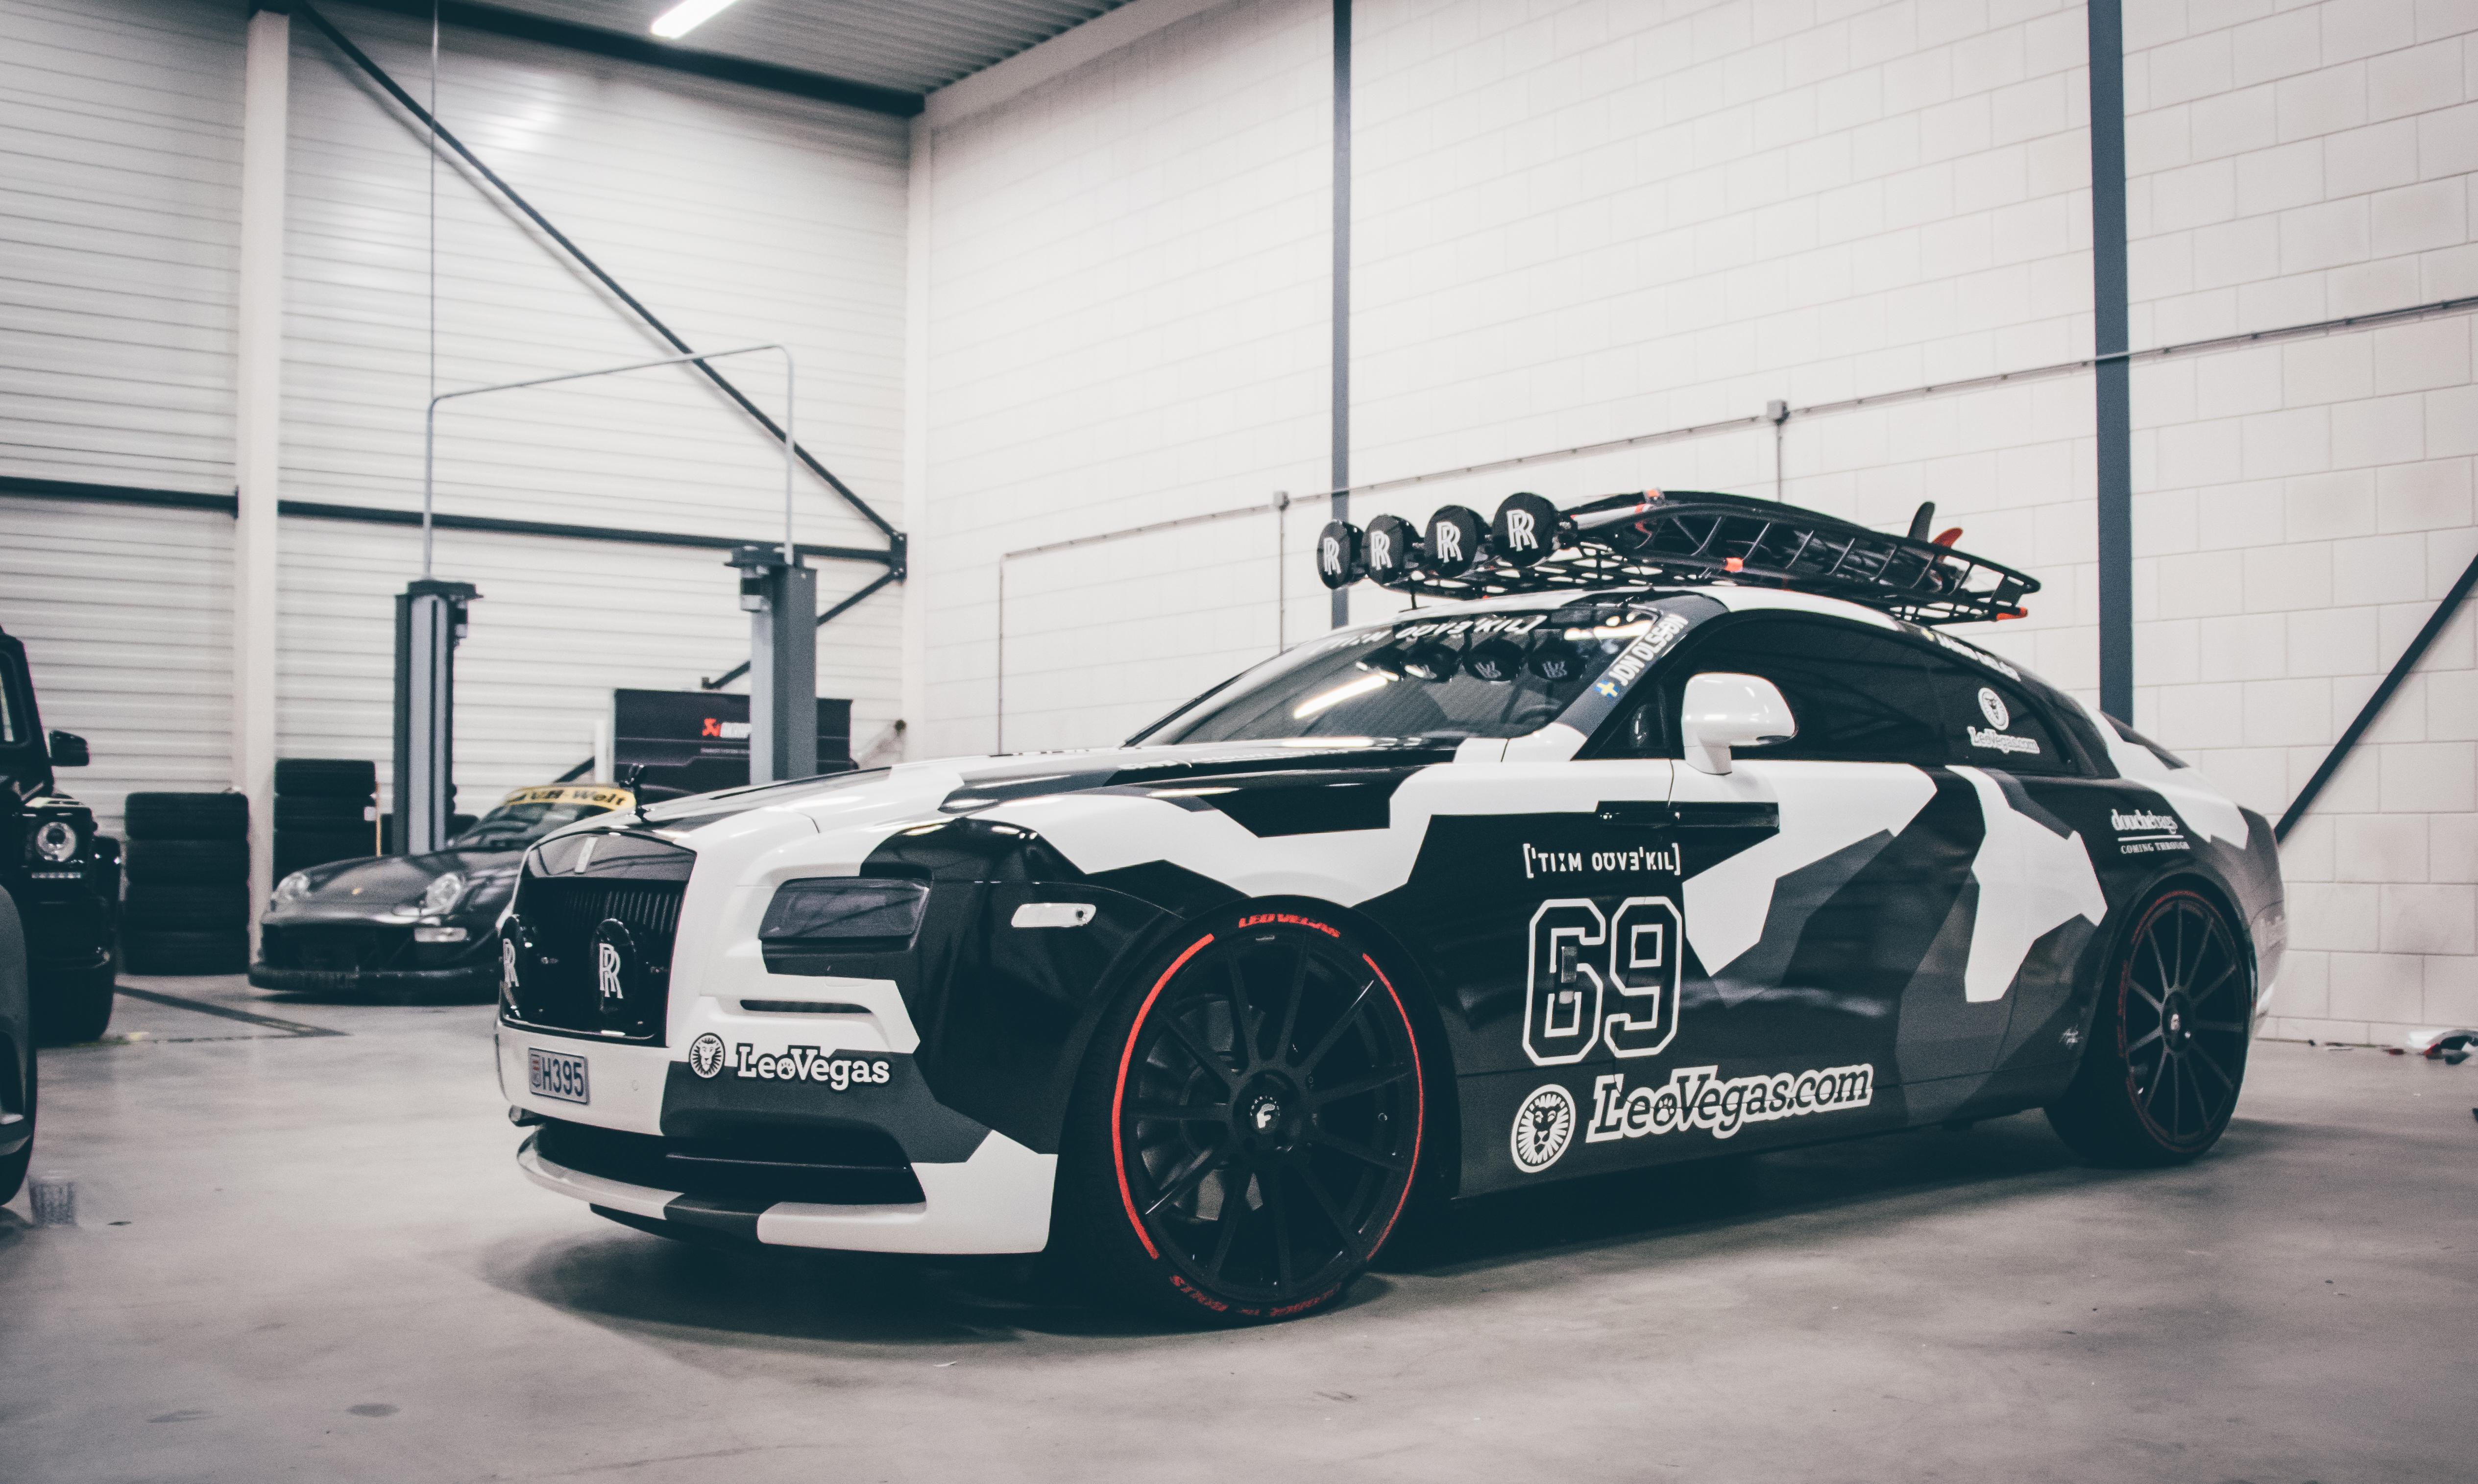 [Video] Dit is de Rolls-Royce Wraith van Jon Olsson ... Joel Beukers